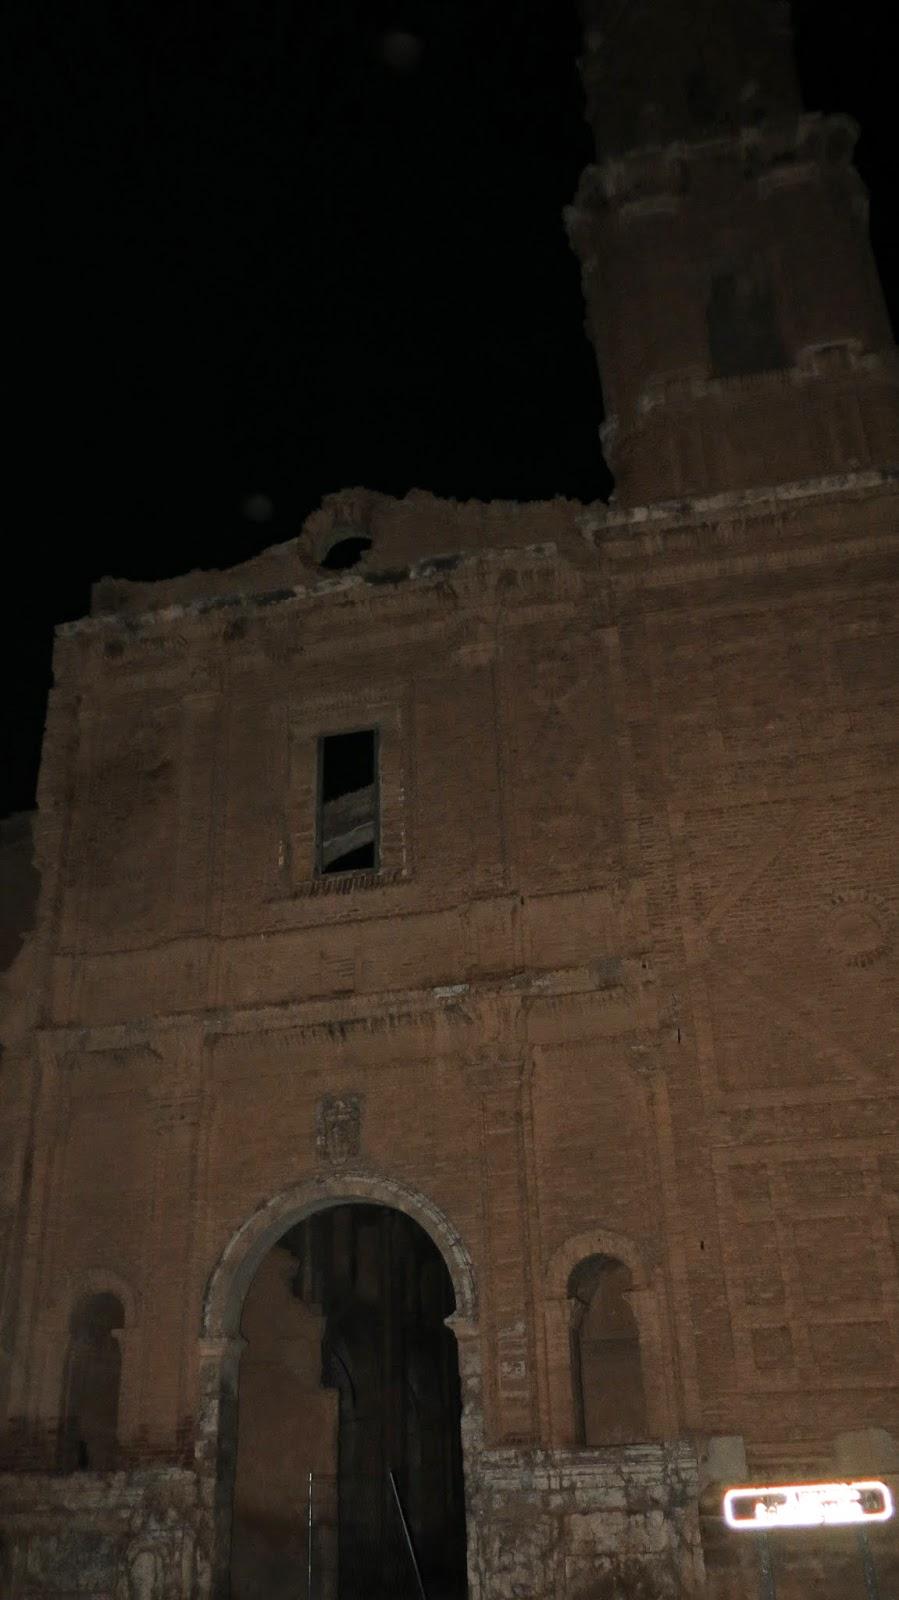 Convento de San Agustin - Belchite